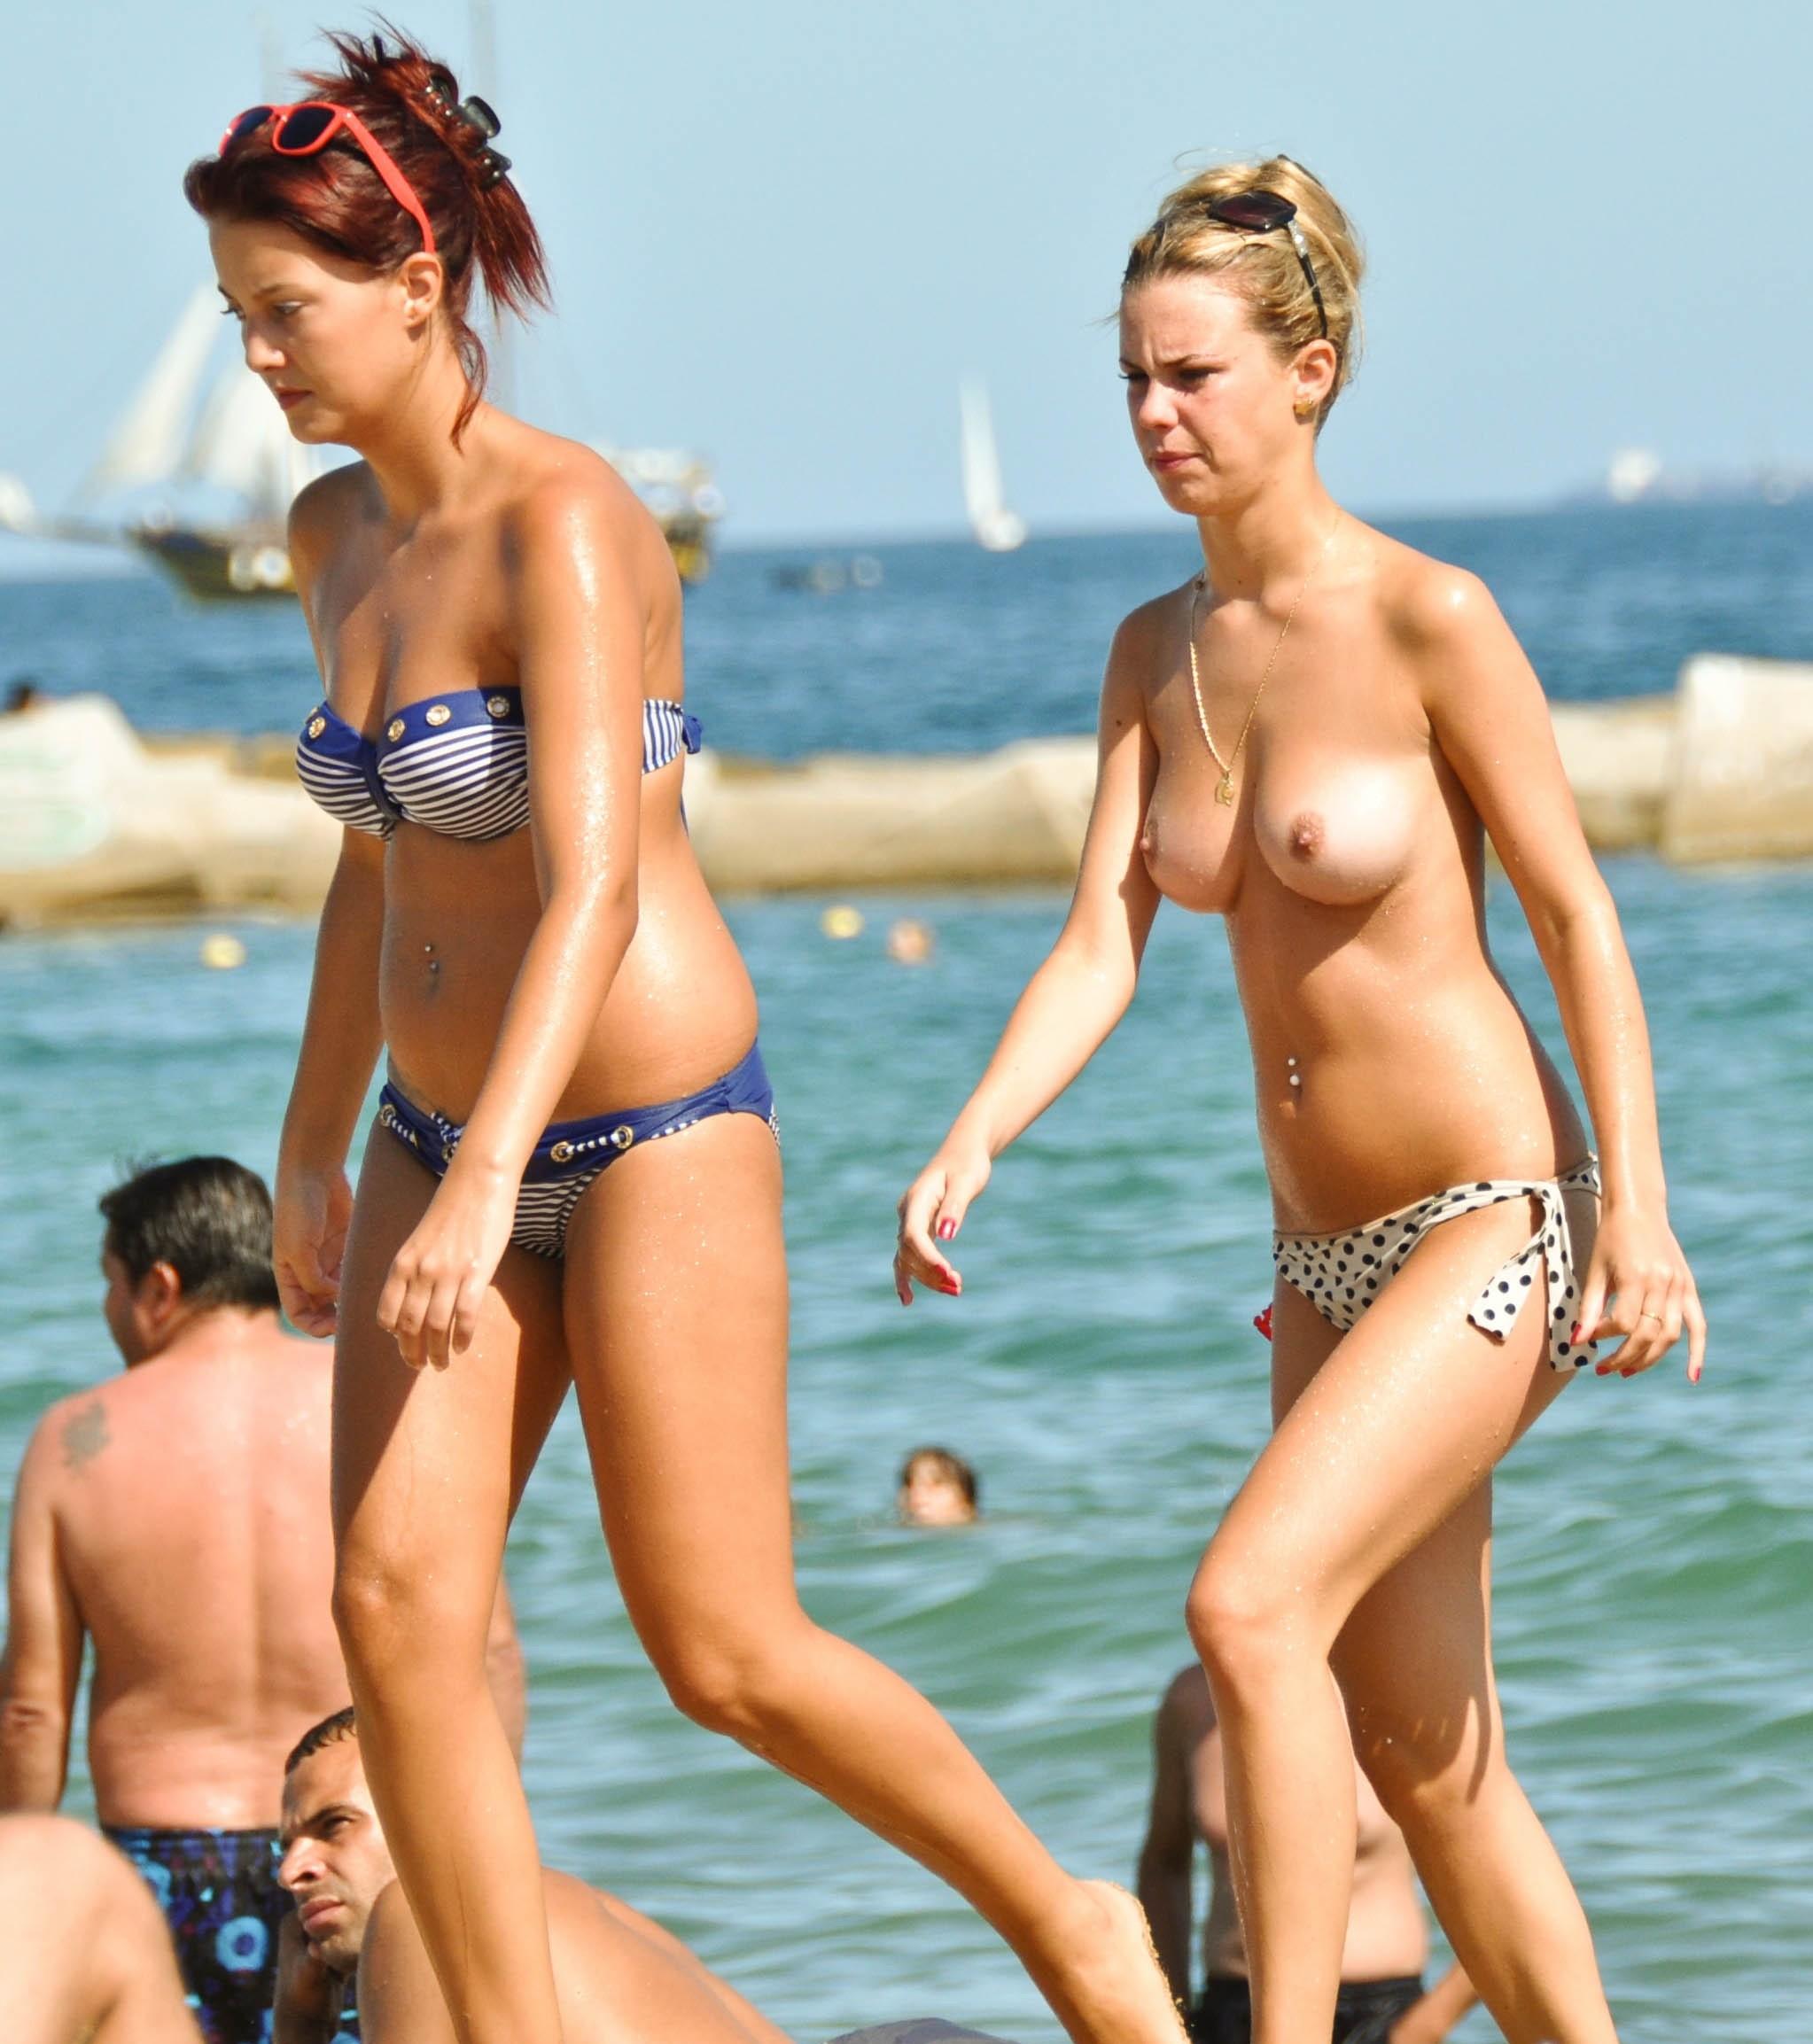 Сиськи в бикини (топлесс на пляже)- компиляция 16